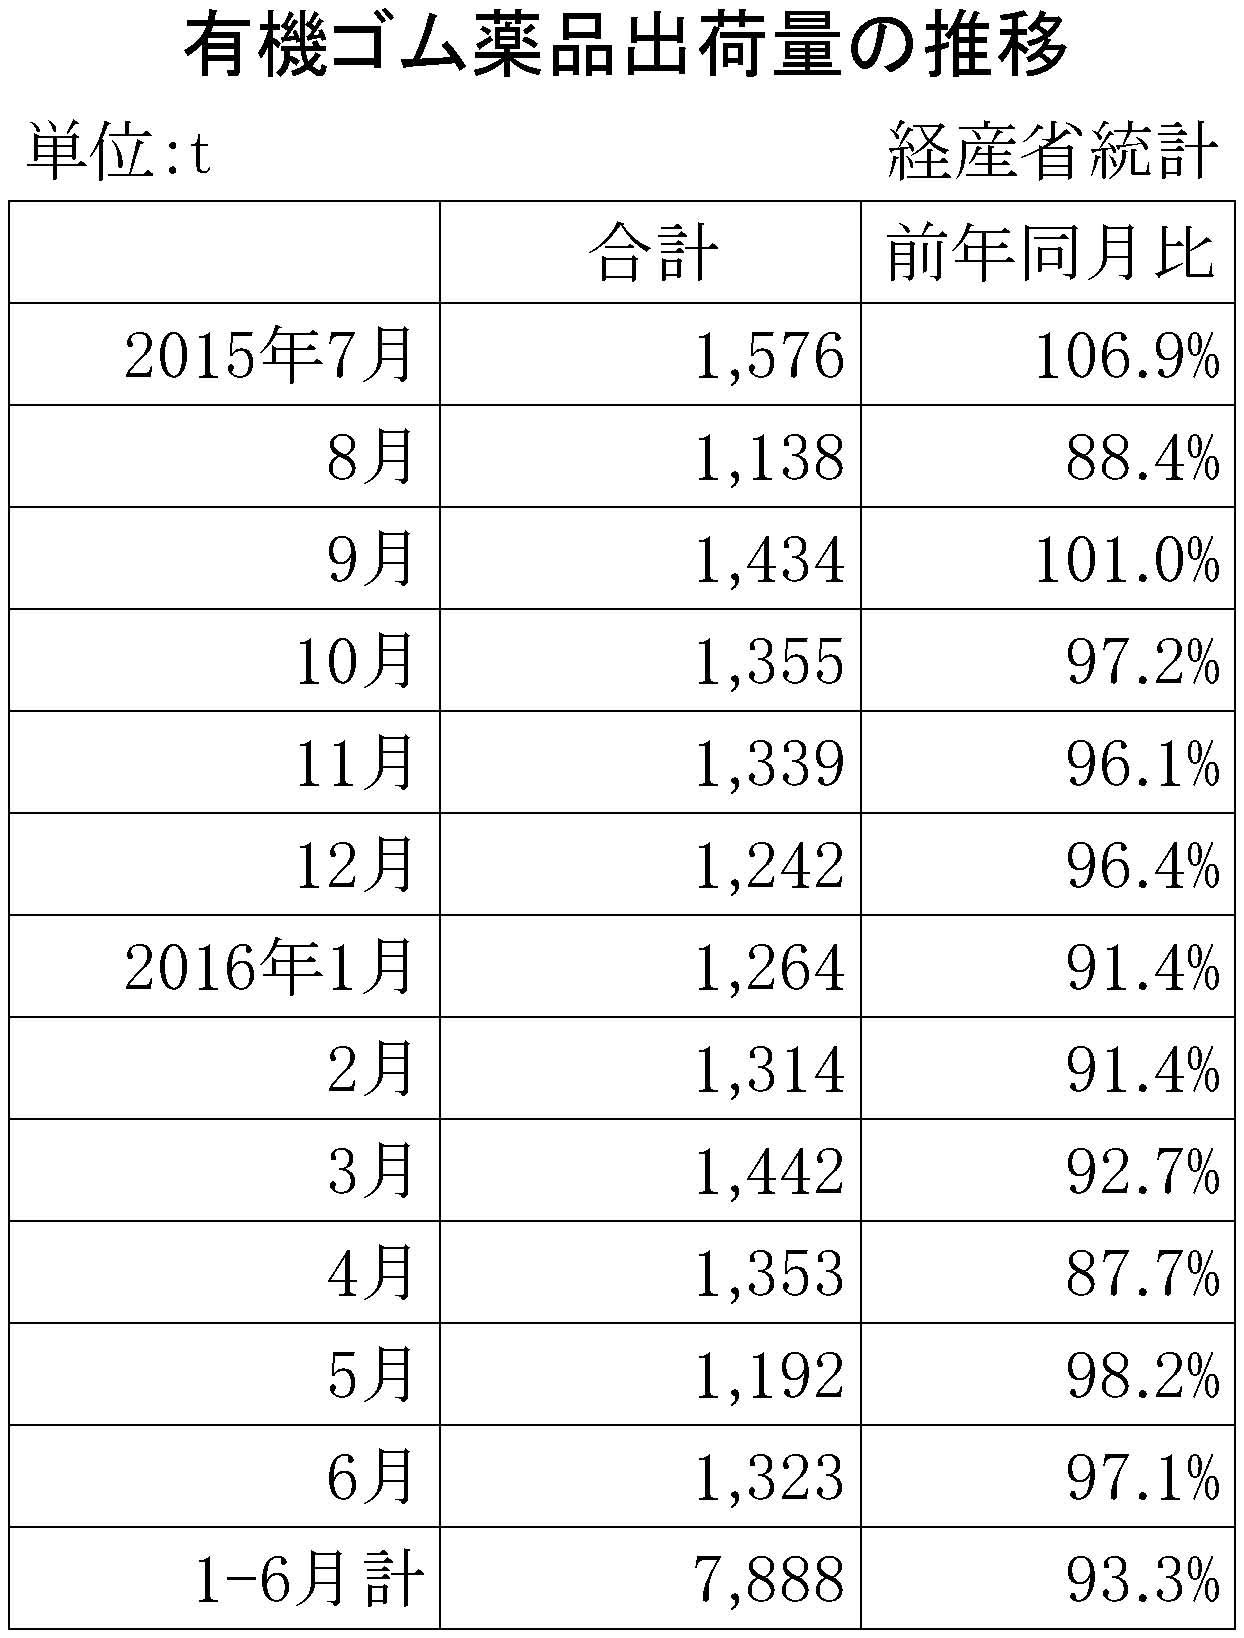 2016年6月のゴム薬品推移